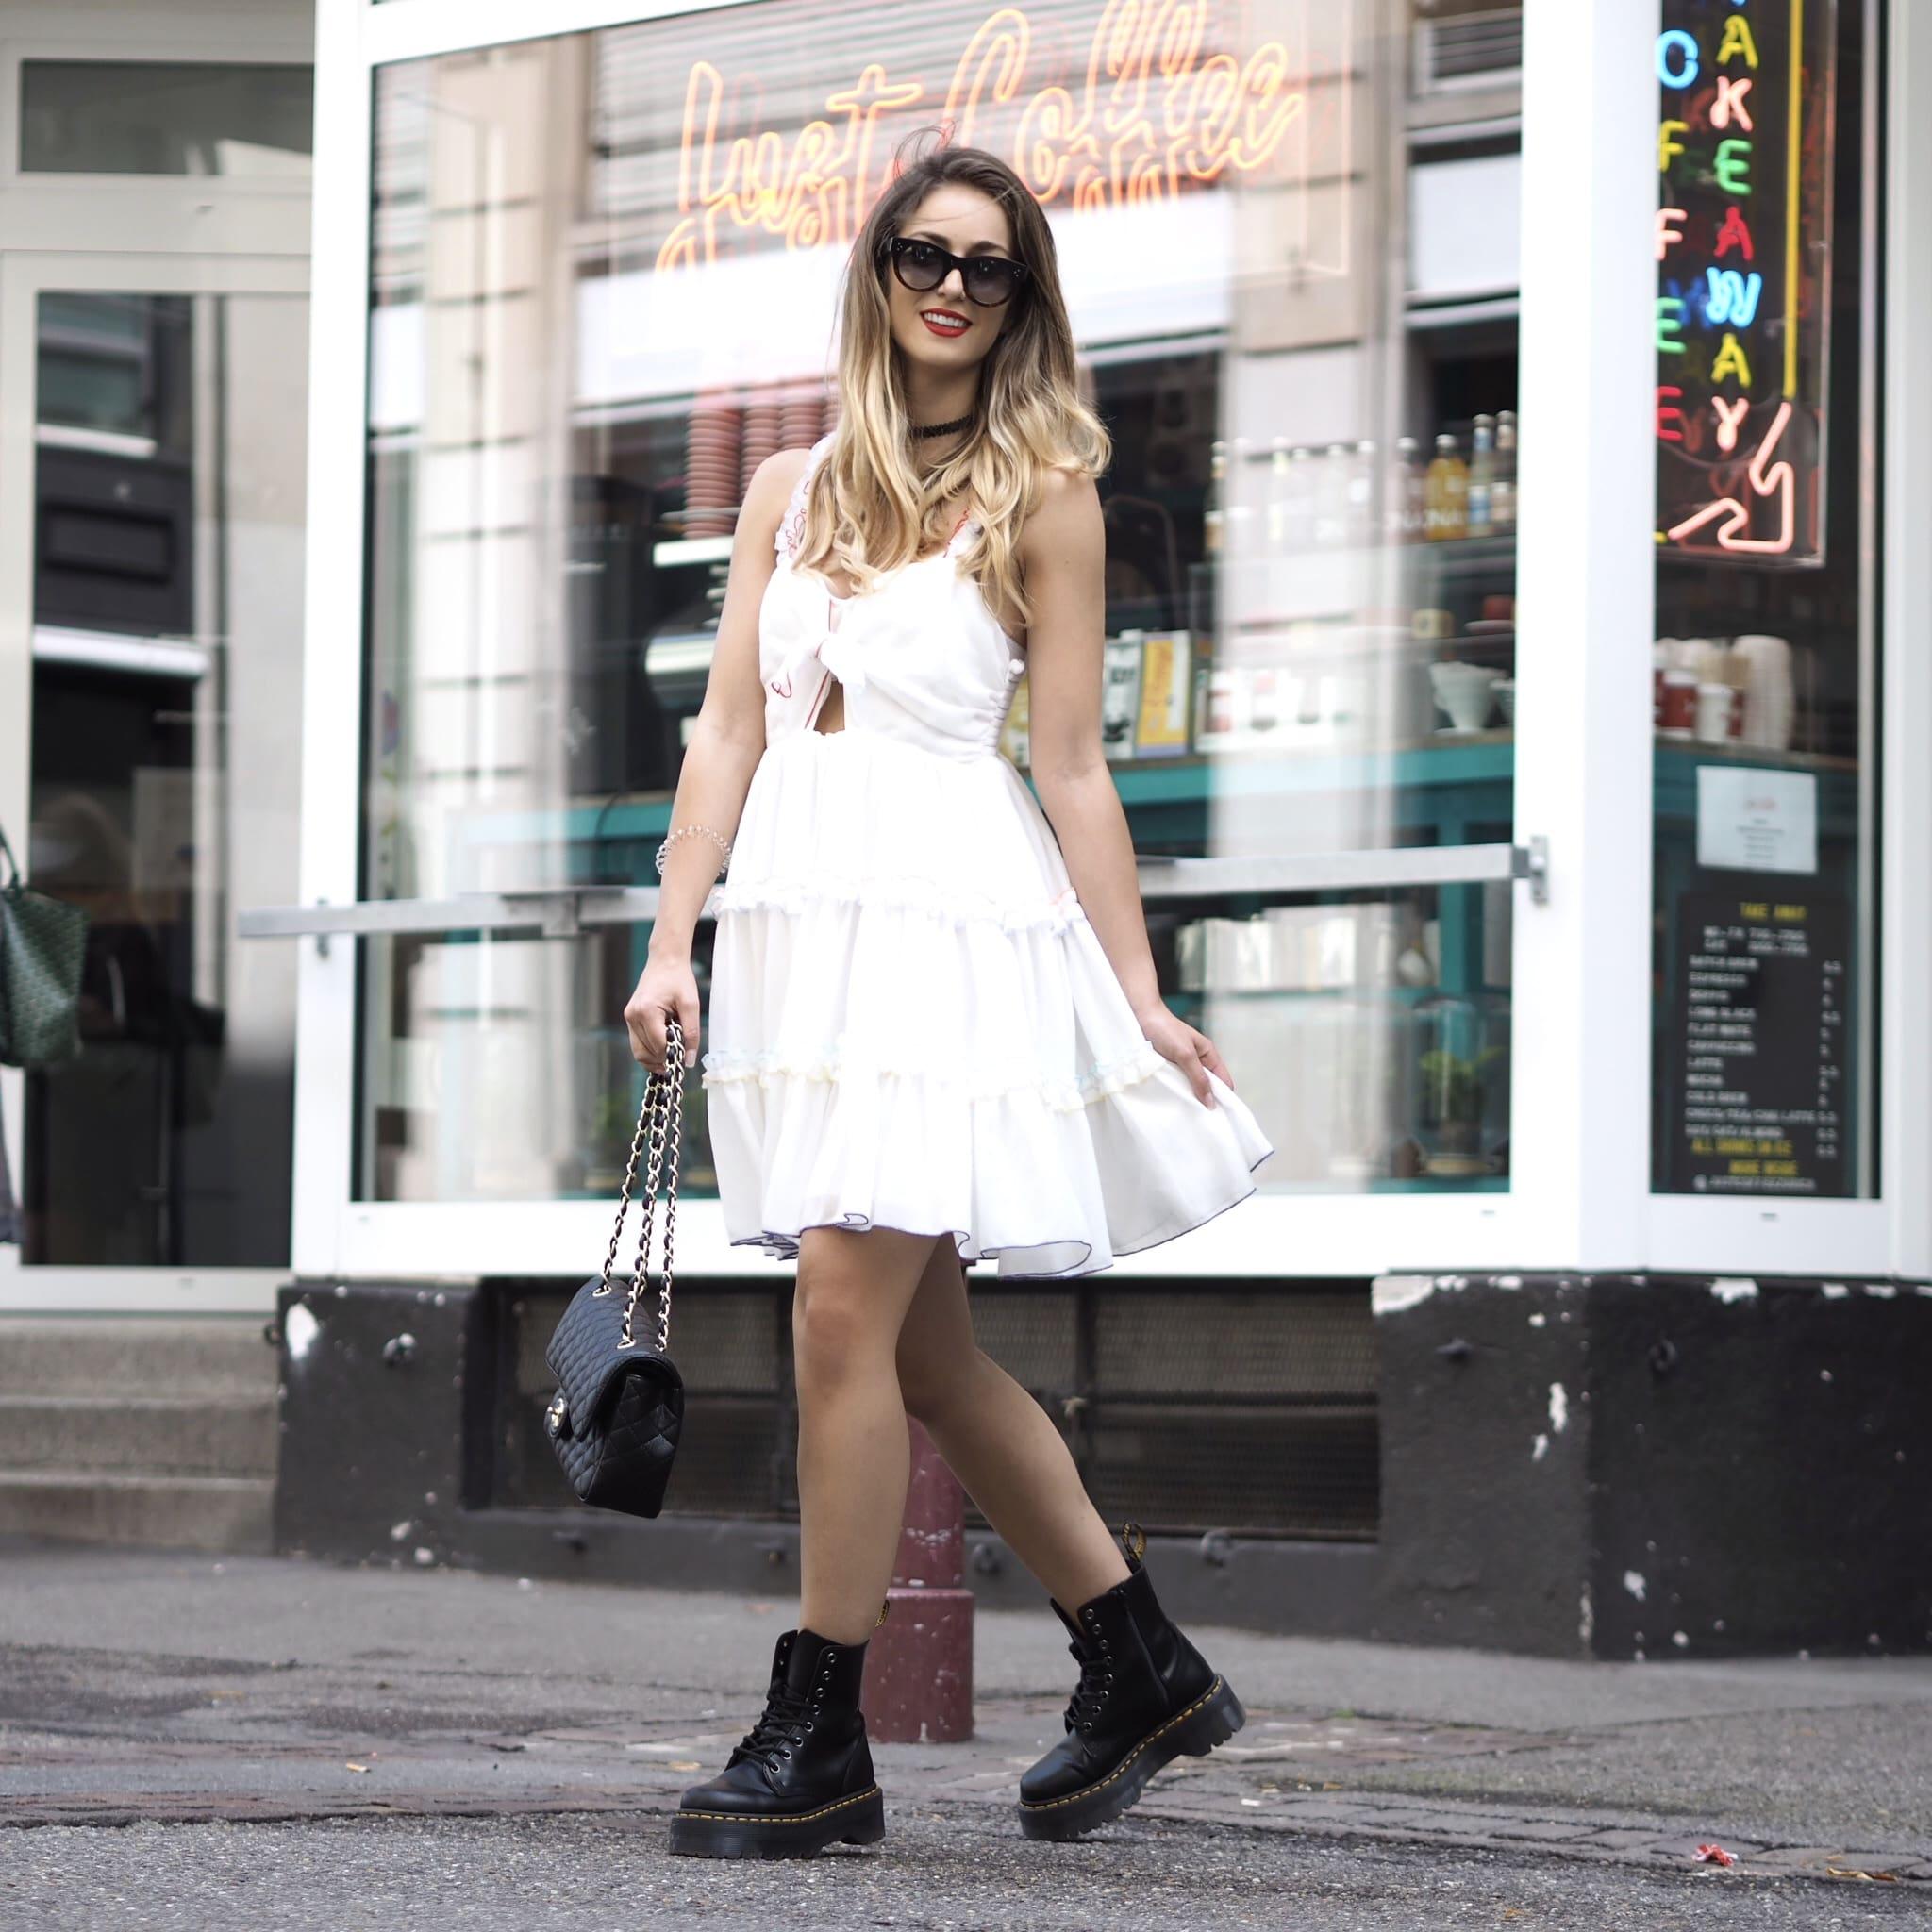 романтический образ с платьем и ботинками